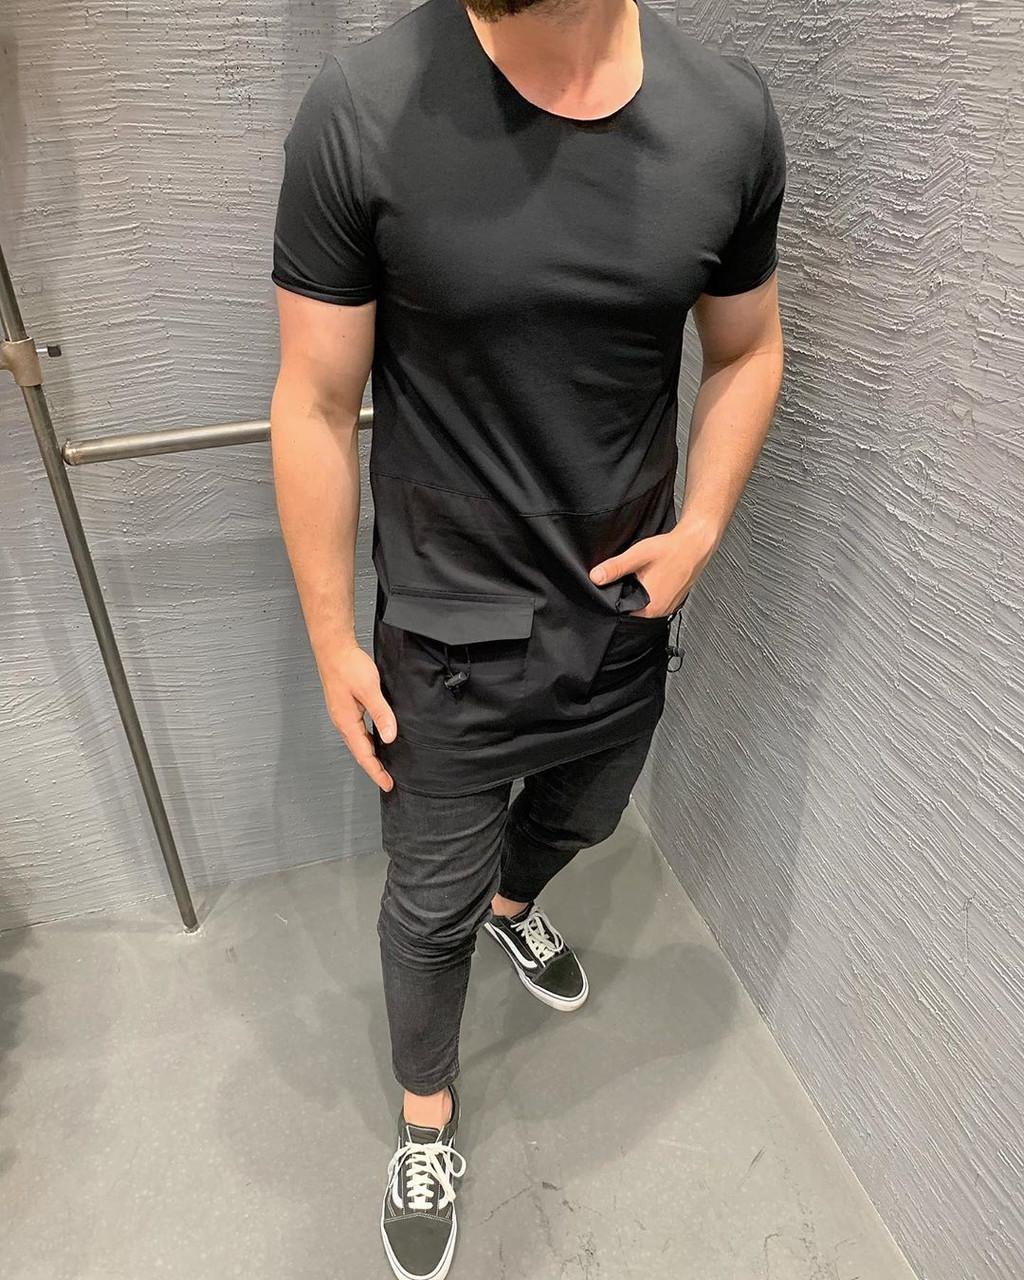 Удлиненная молодежная мужская футболка с карманами черного цвета